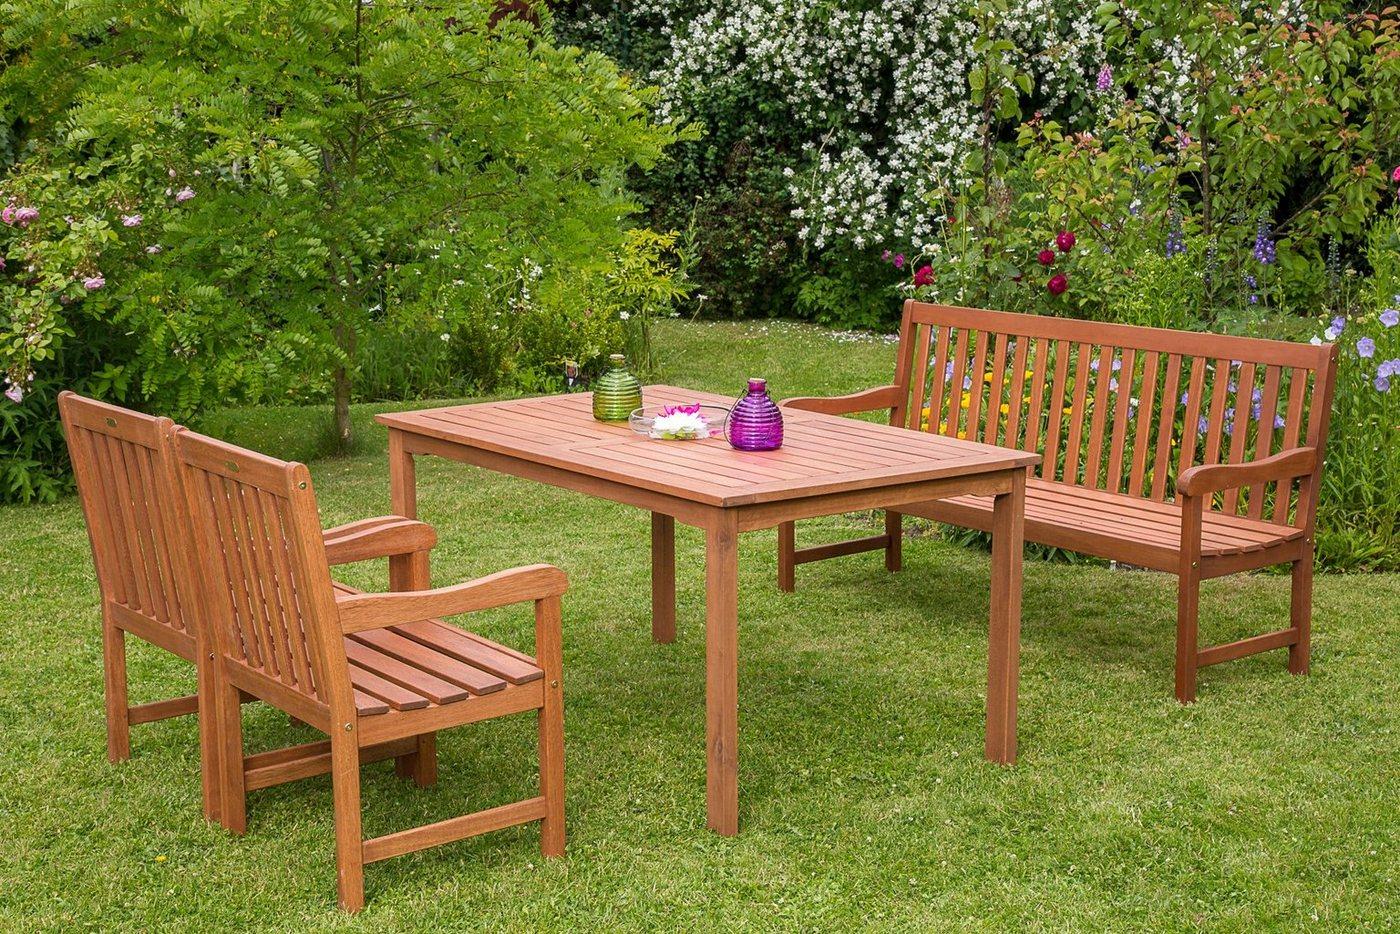 Fantastisch Gartenmöbel Merxx Bilder Die Designideen für